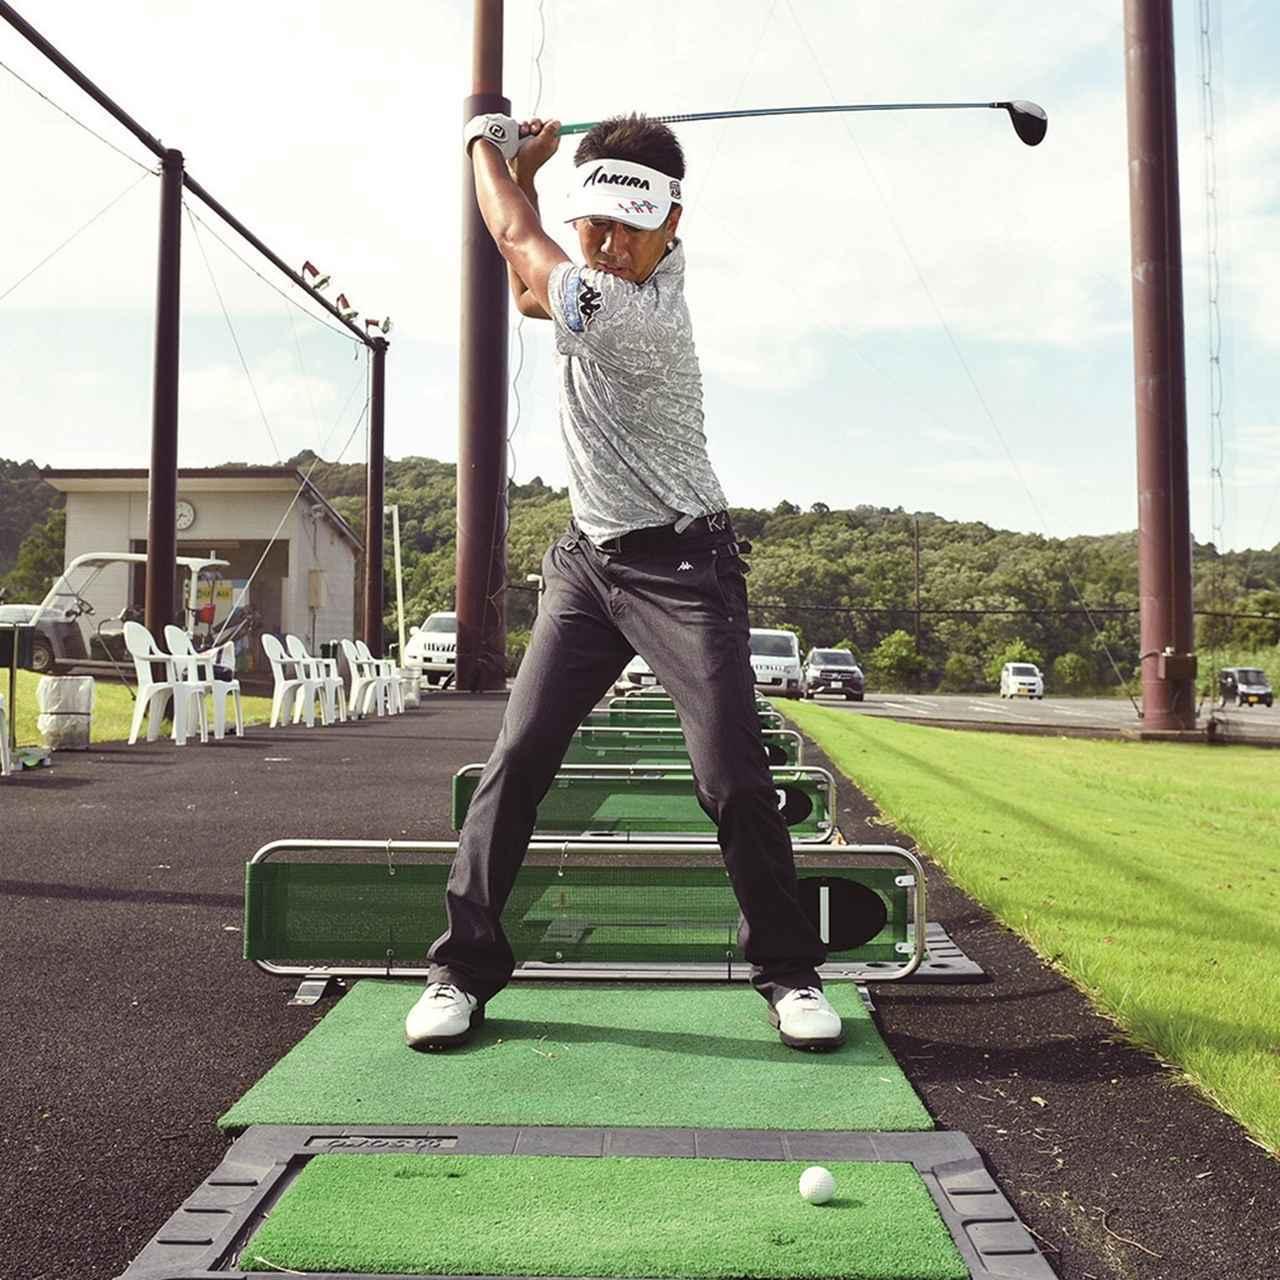 画像3: 【夏ゴルフ】ラフからのフェアウェイウッドはバンカーショットの要領で打つ!